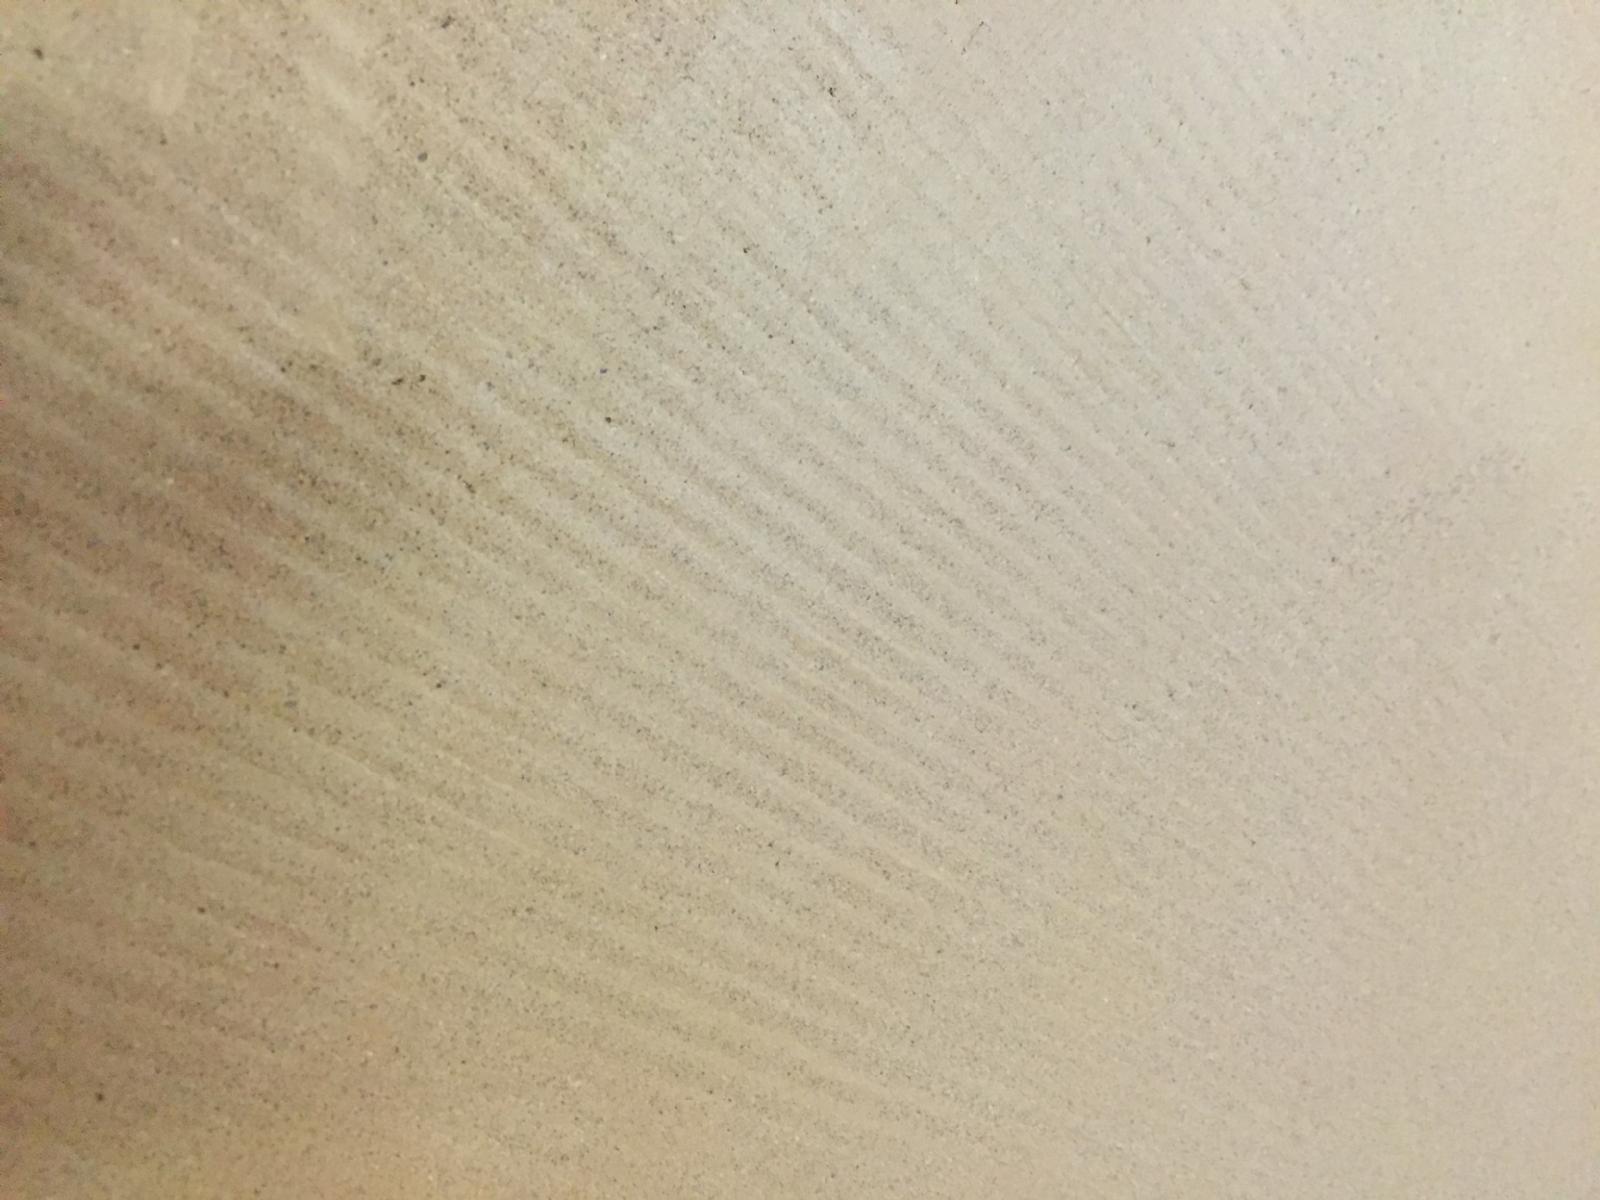 Shudders in the plasterwork